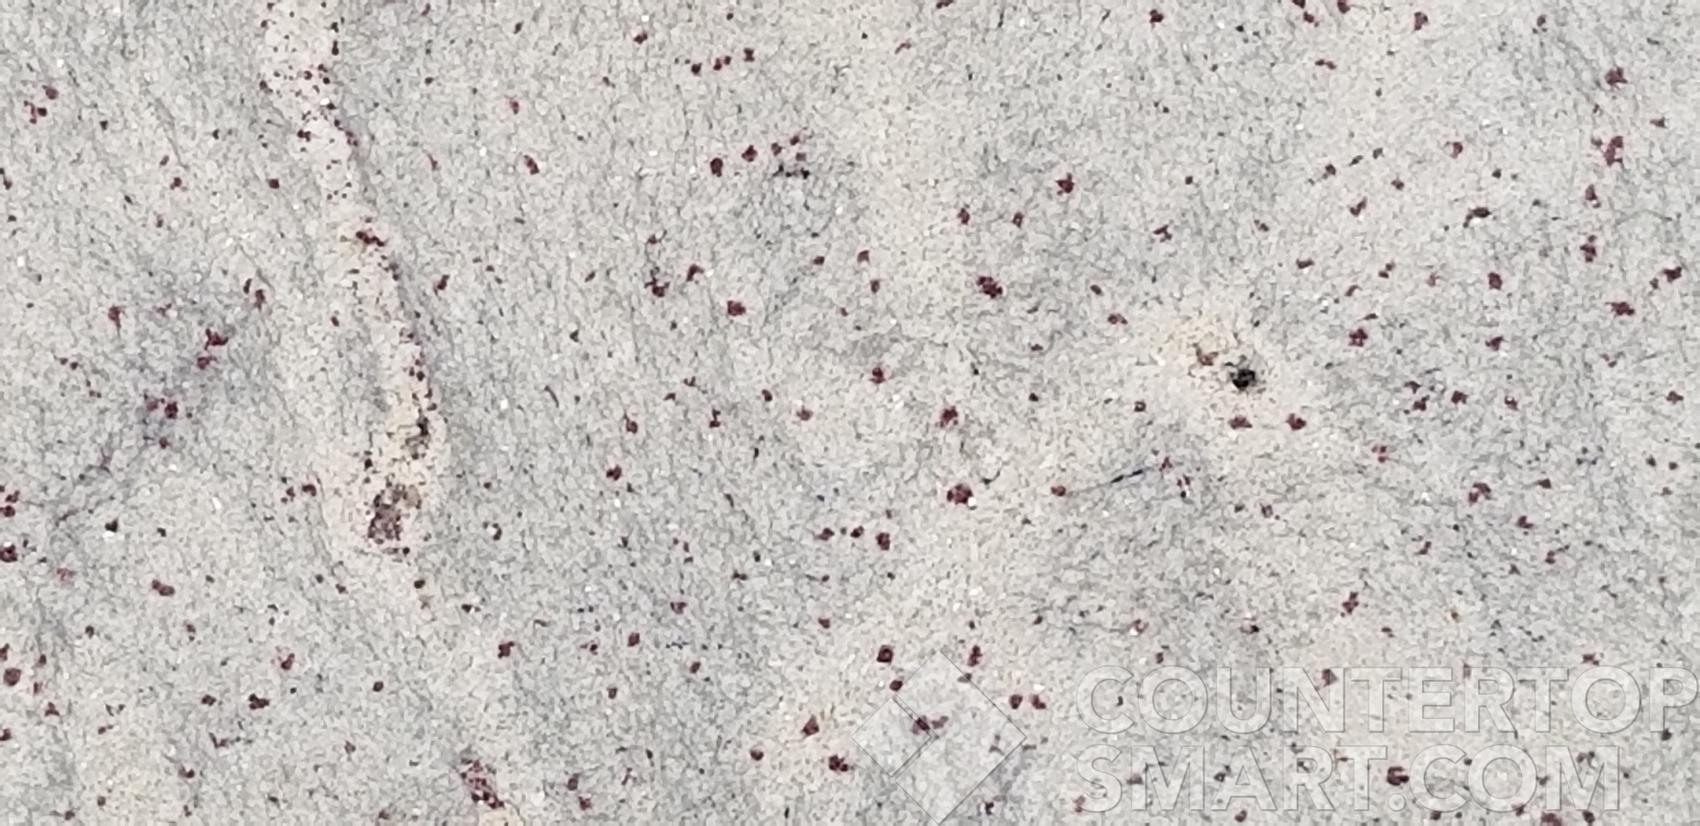 89% off your perfect Granite Bianco Romano countertop